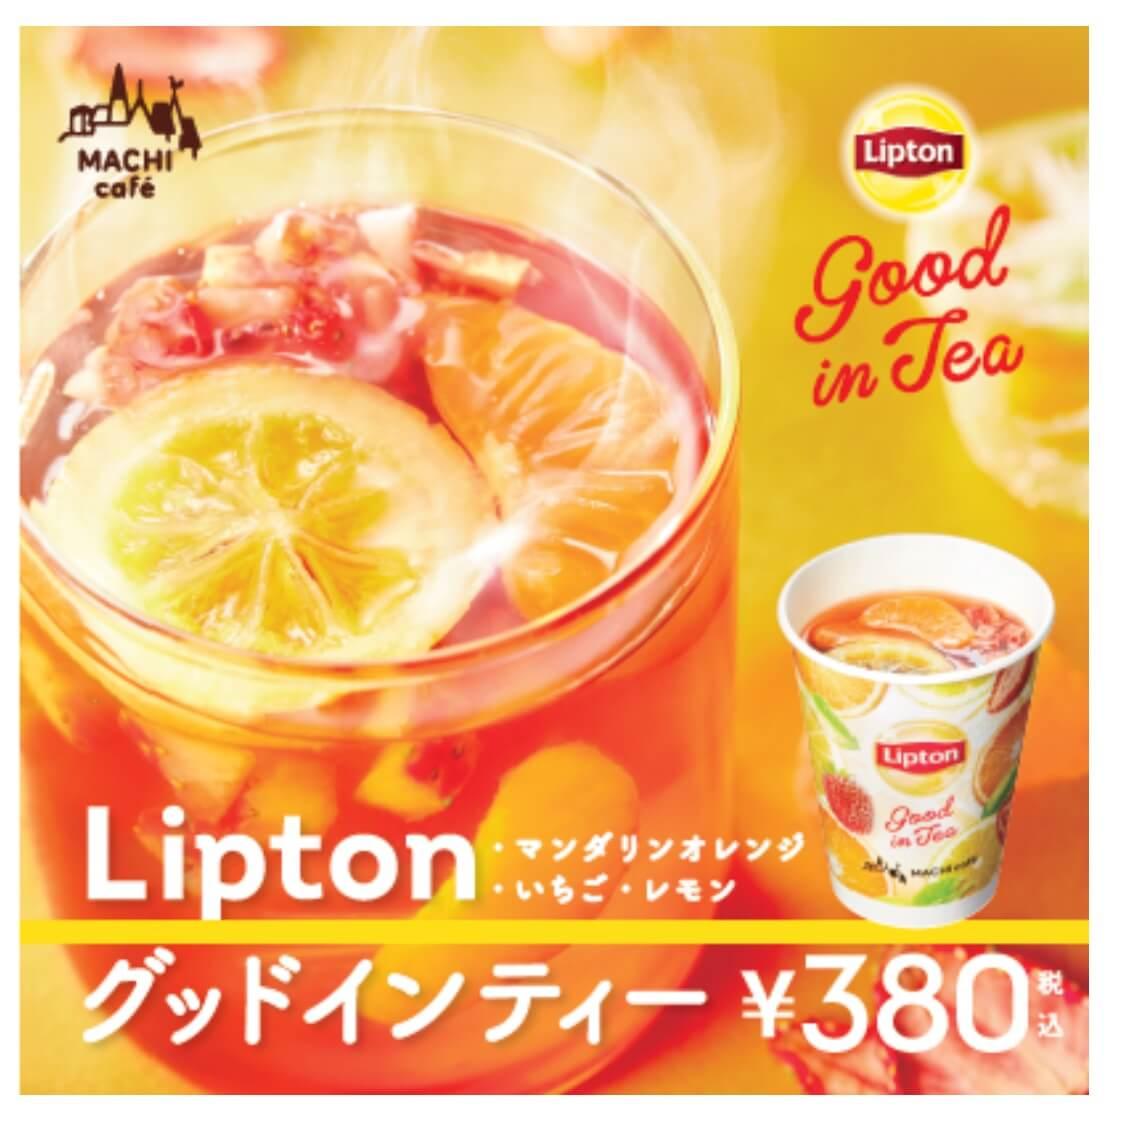 ローソン・リプトン(Lipton)グッドインティー公式サイト